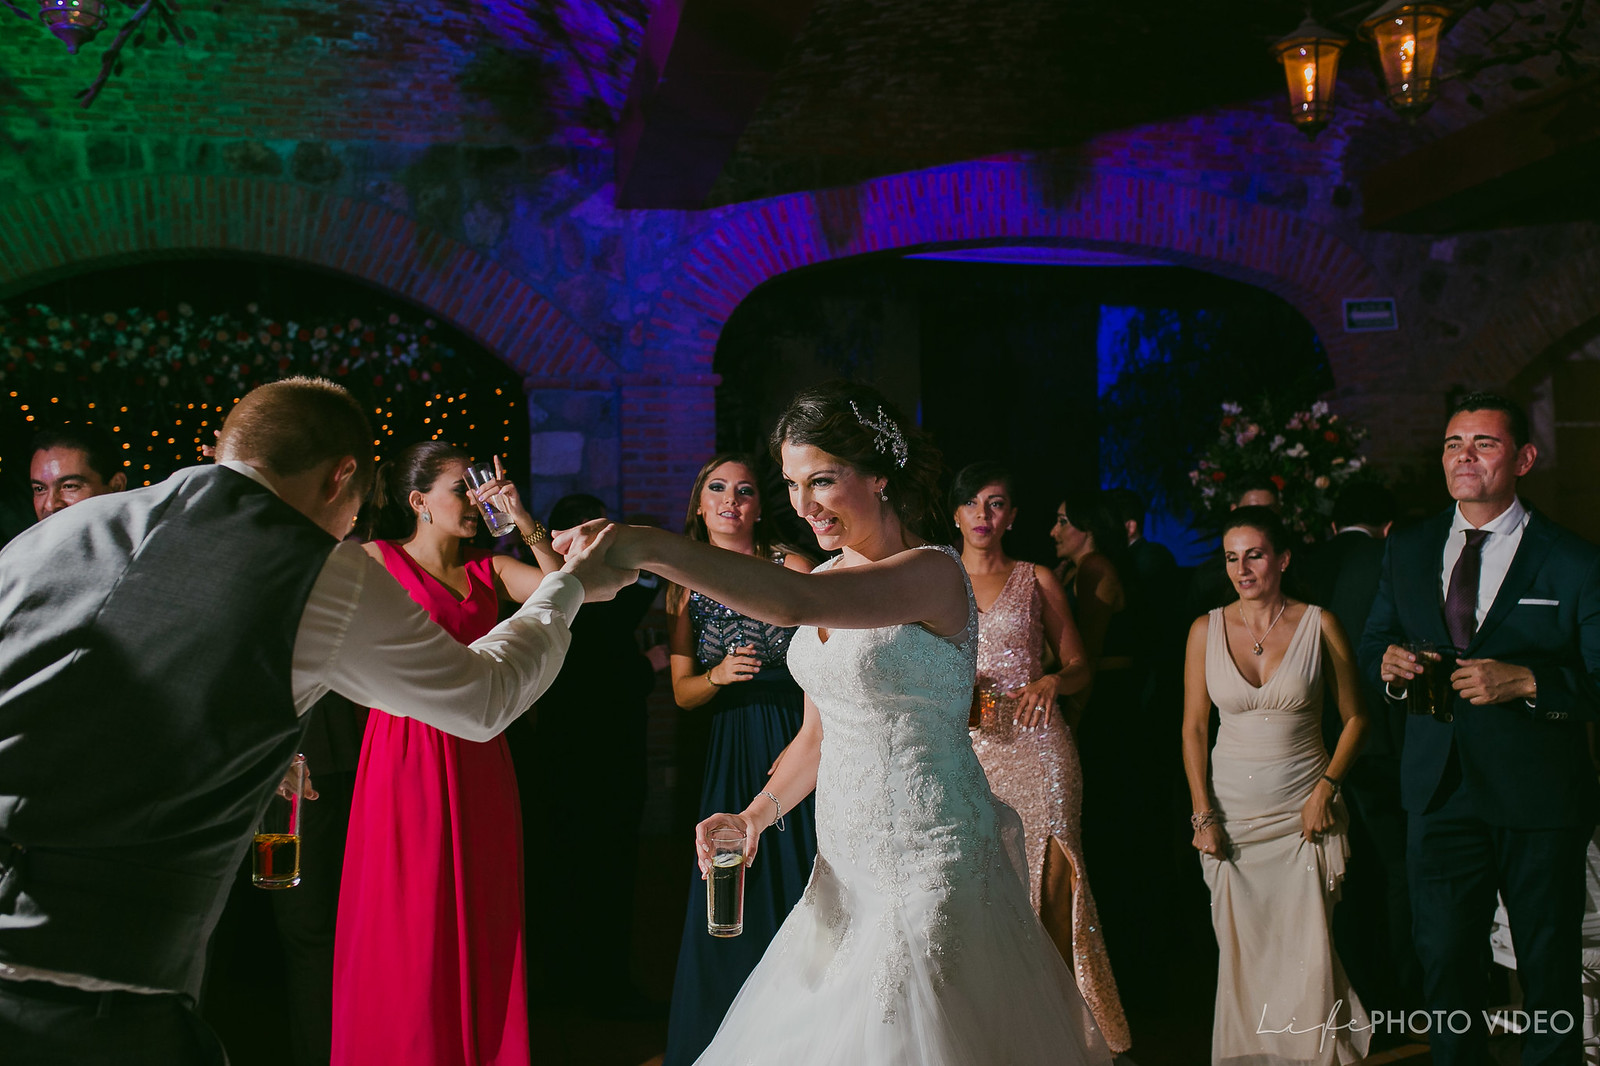 LifePhotoVideo_Boda_LeonGto_Wedding_0008.jpg